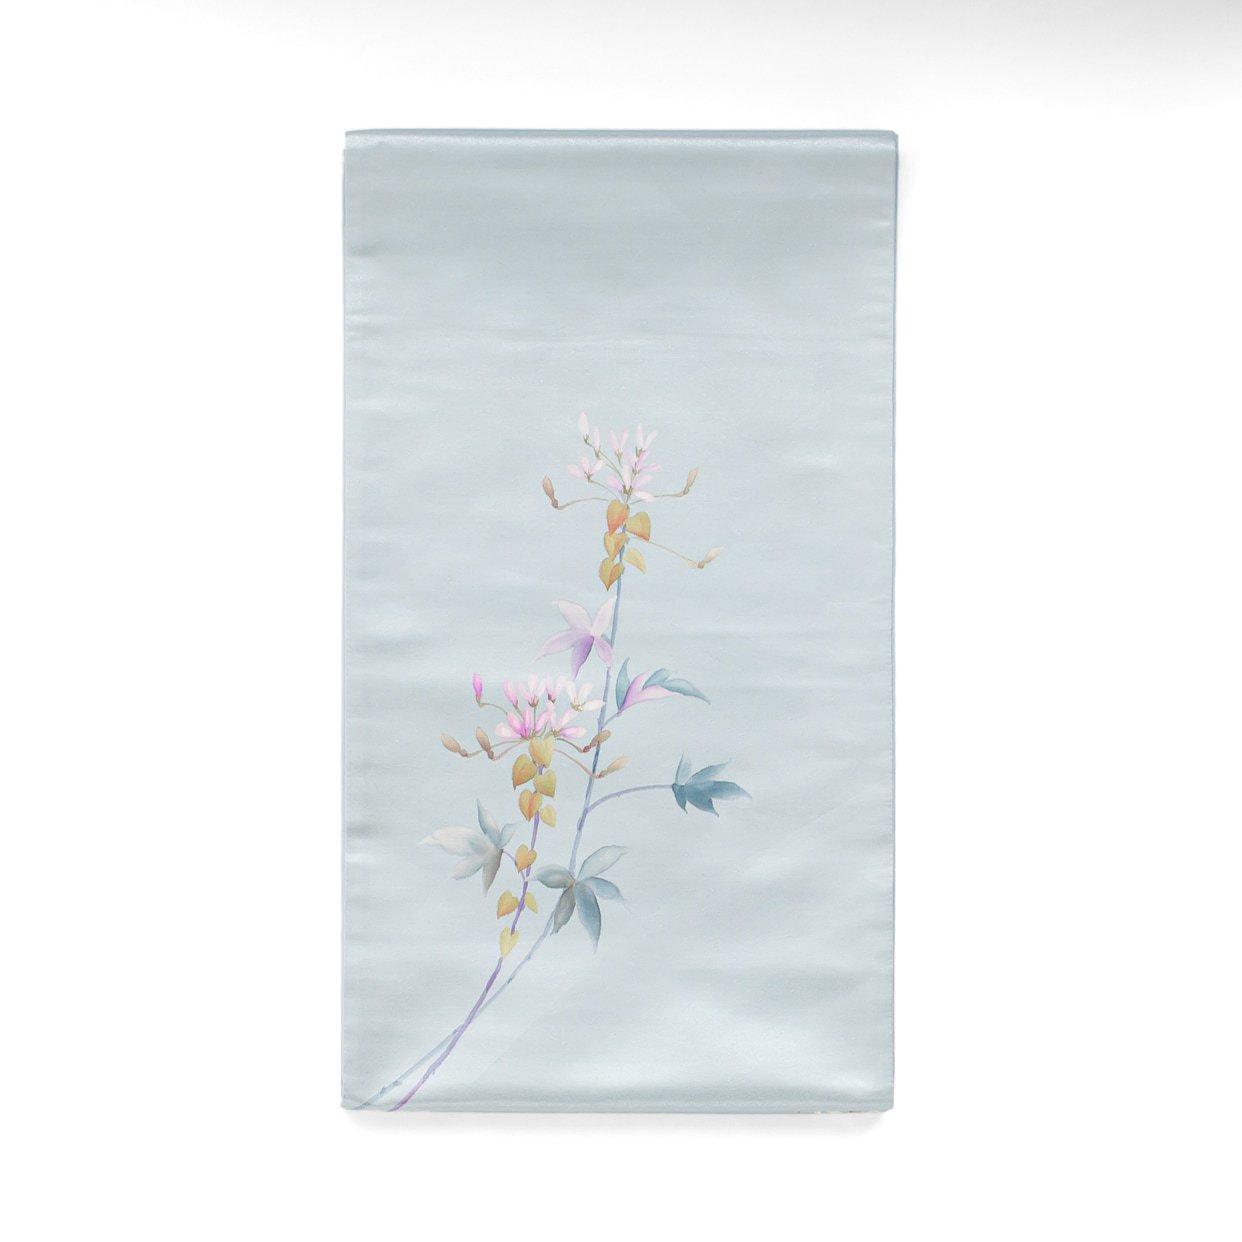 「袋帯●一色生子 ピンクの花」の商品画像